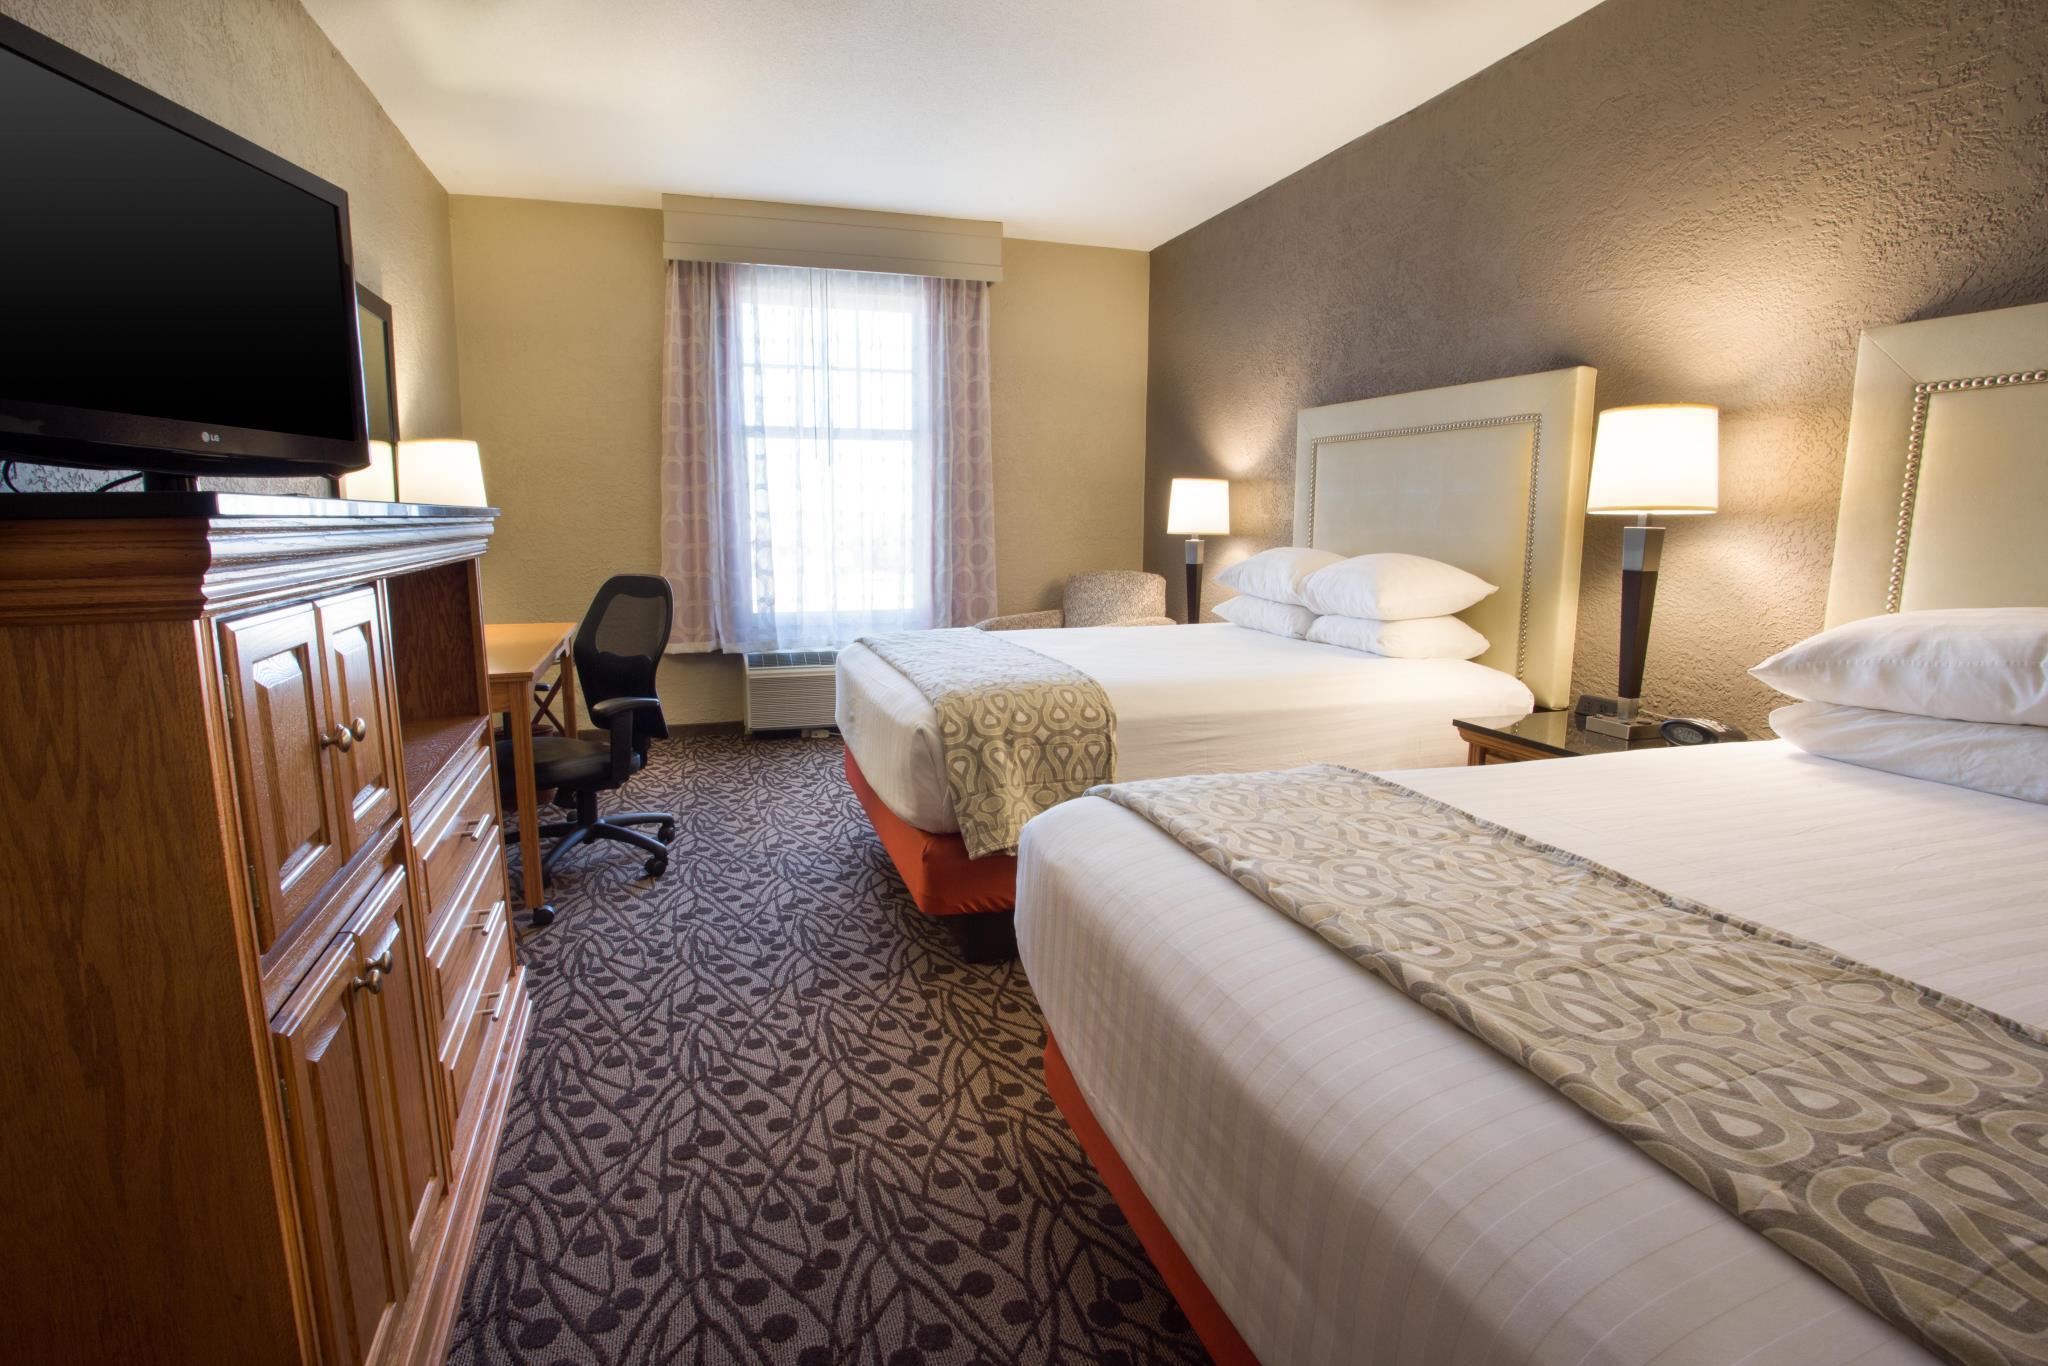 Best Price On Drury Inn And Suites Amarillo In Amarillo